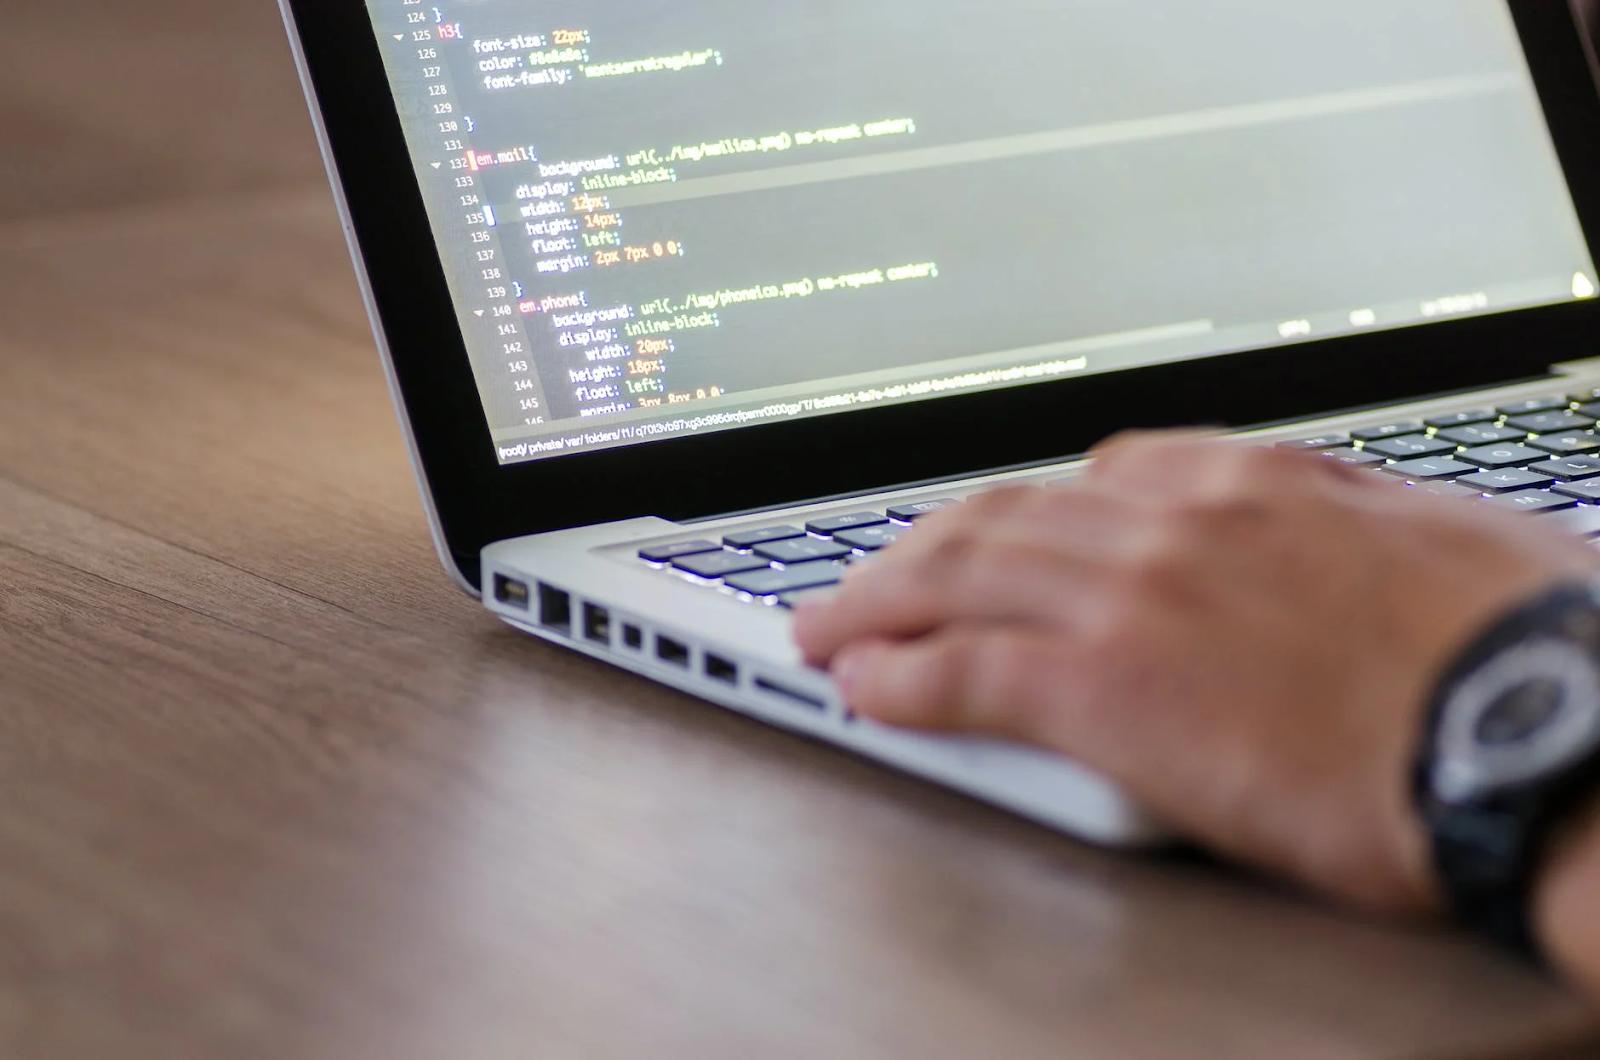 Pessoa programando em um notebook - Comandos básicos da programação